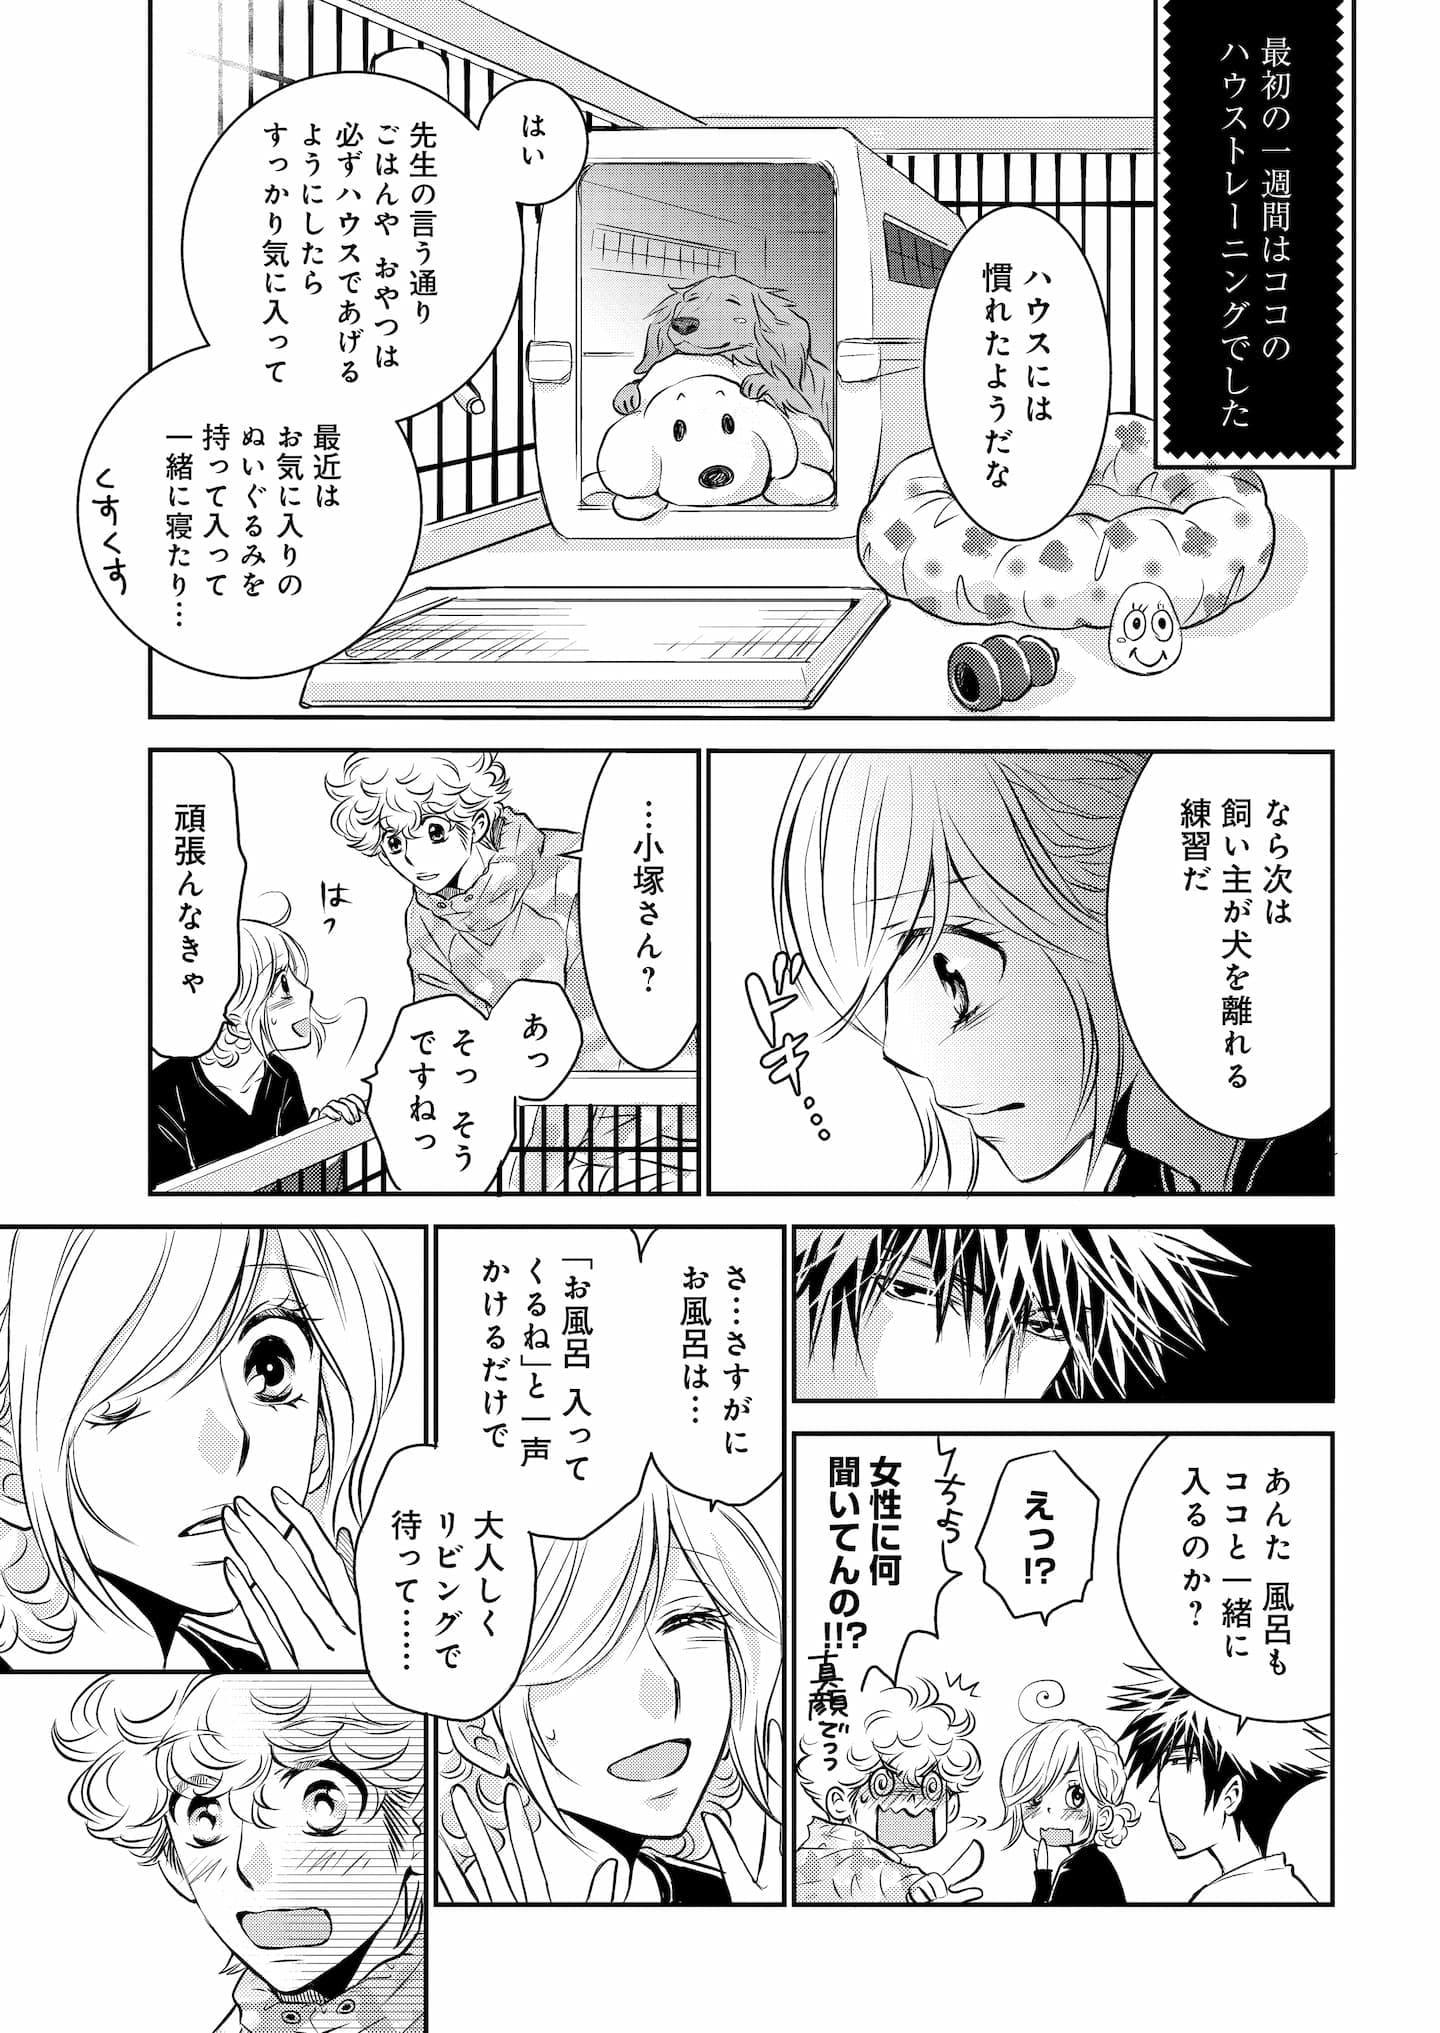 『DOG SIGNAL』7話目③ 5ページ目